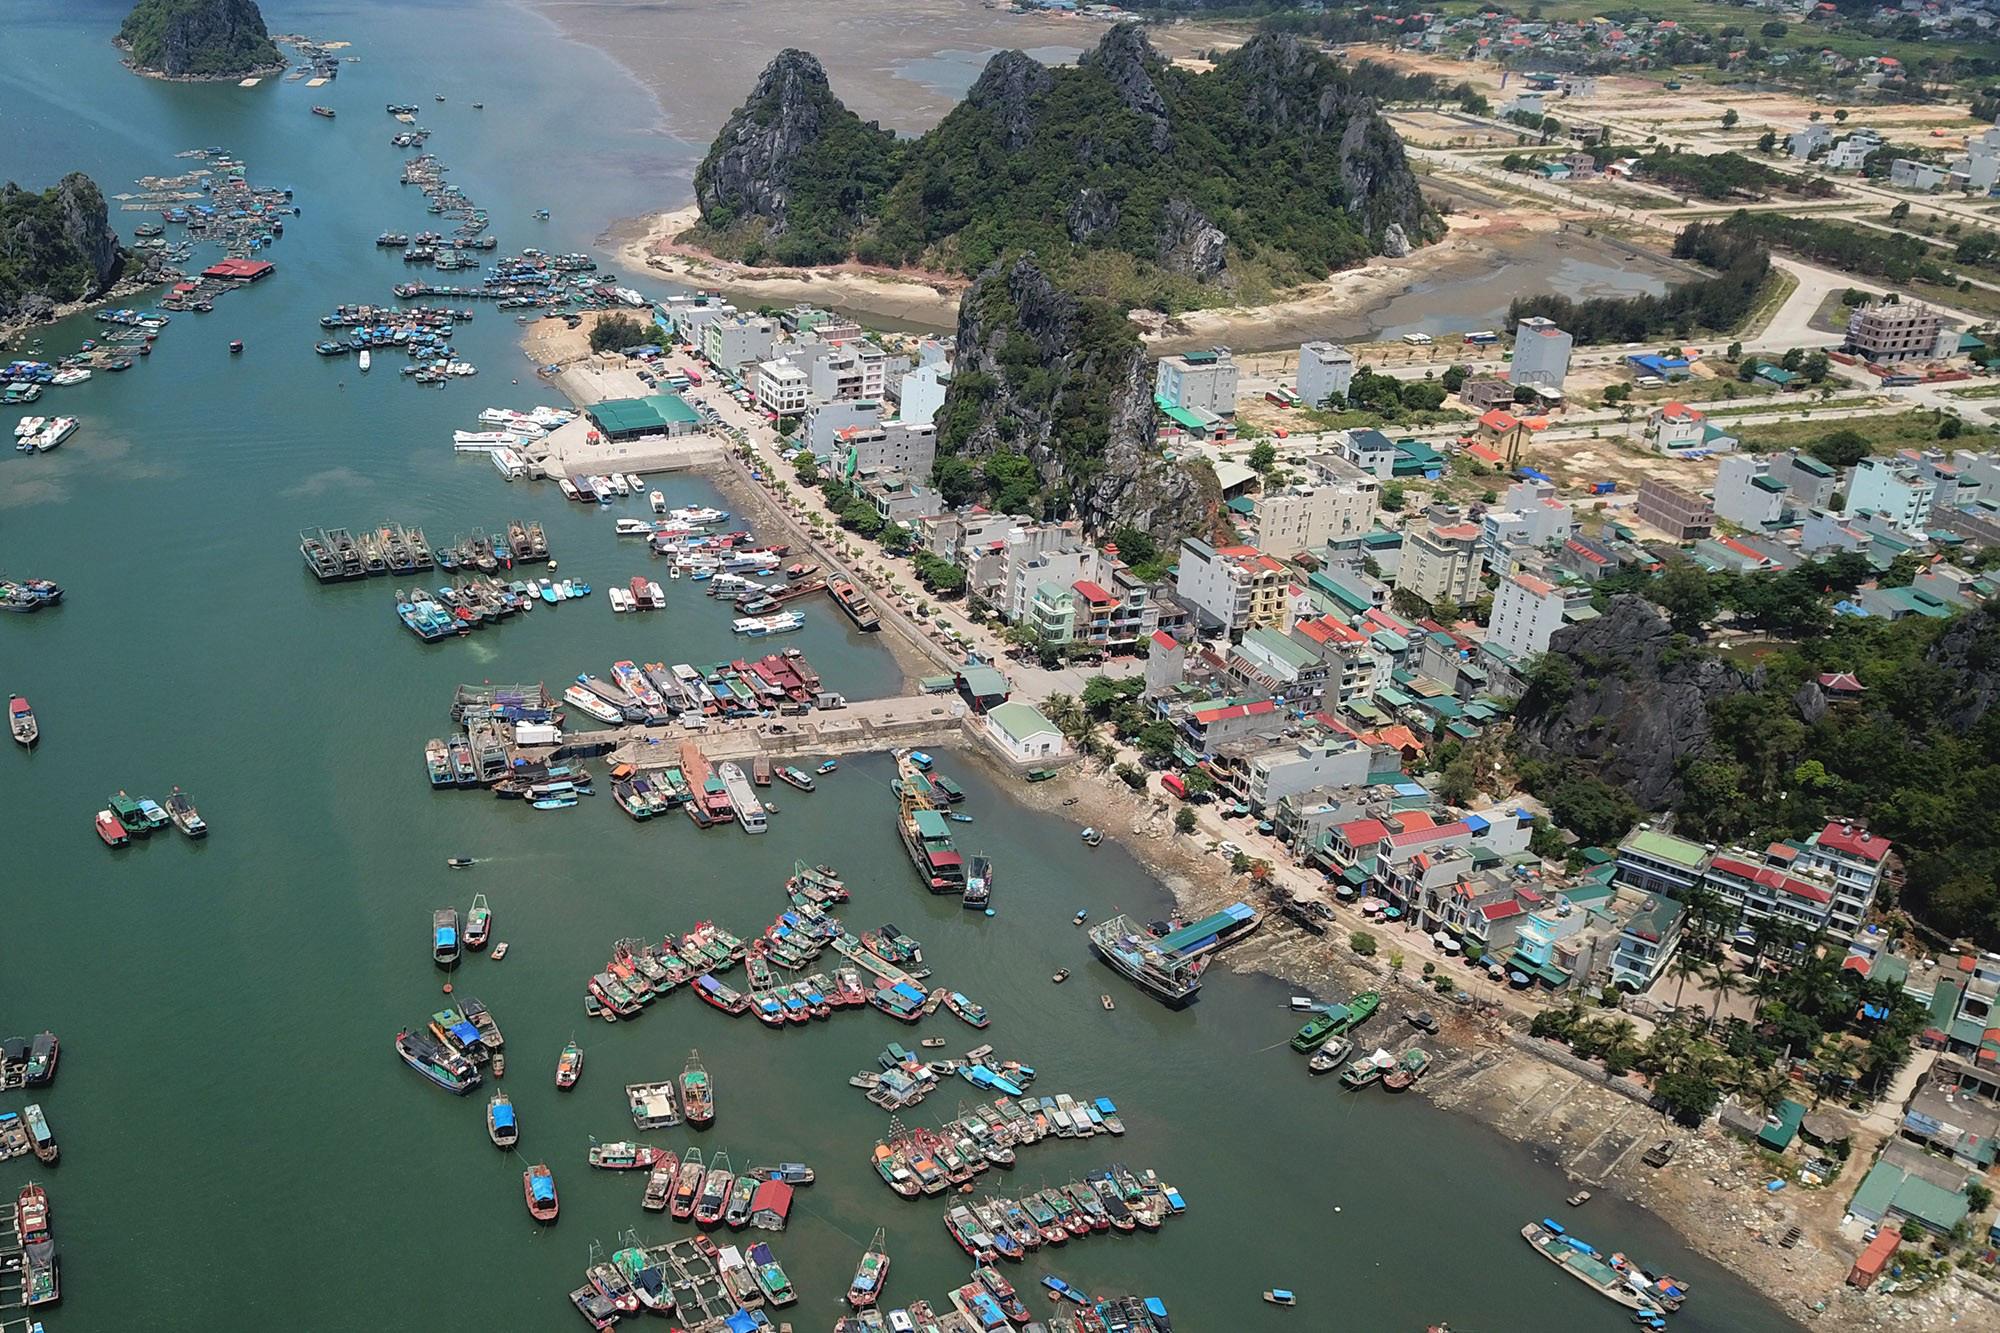 Quảng Ninh duyệt quy hoạch khu vực xây casino, sân golf tại KKT Vân Đồn - Ảnh 1.